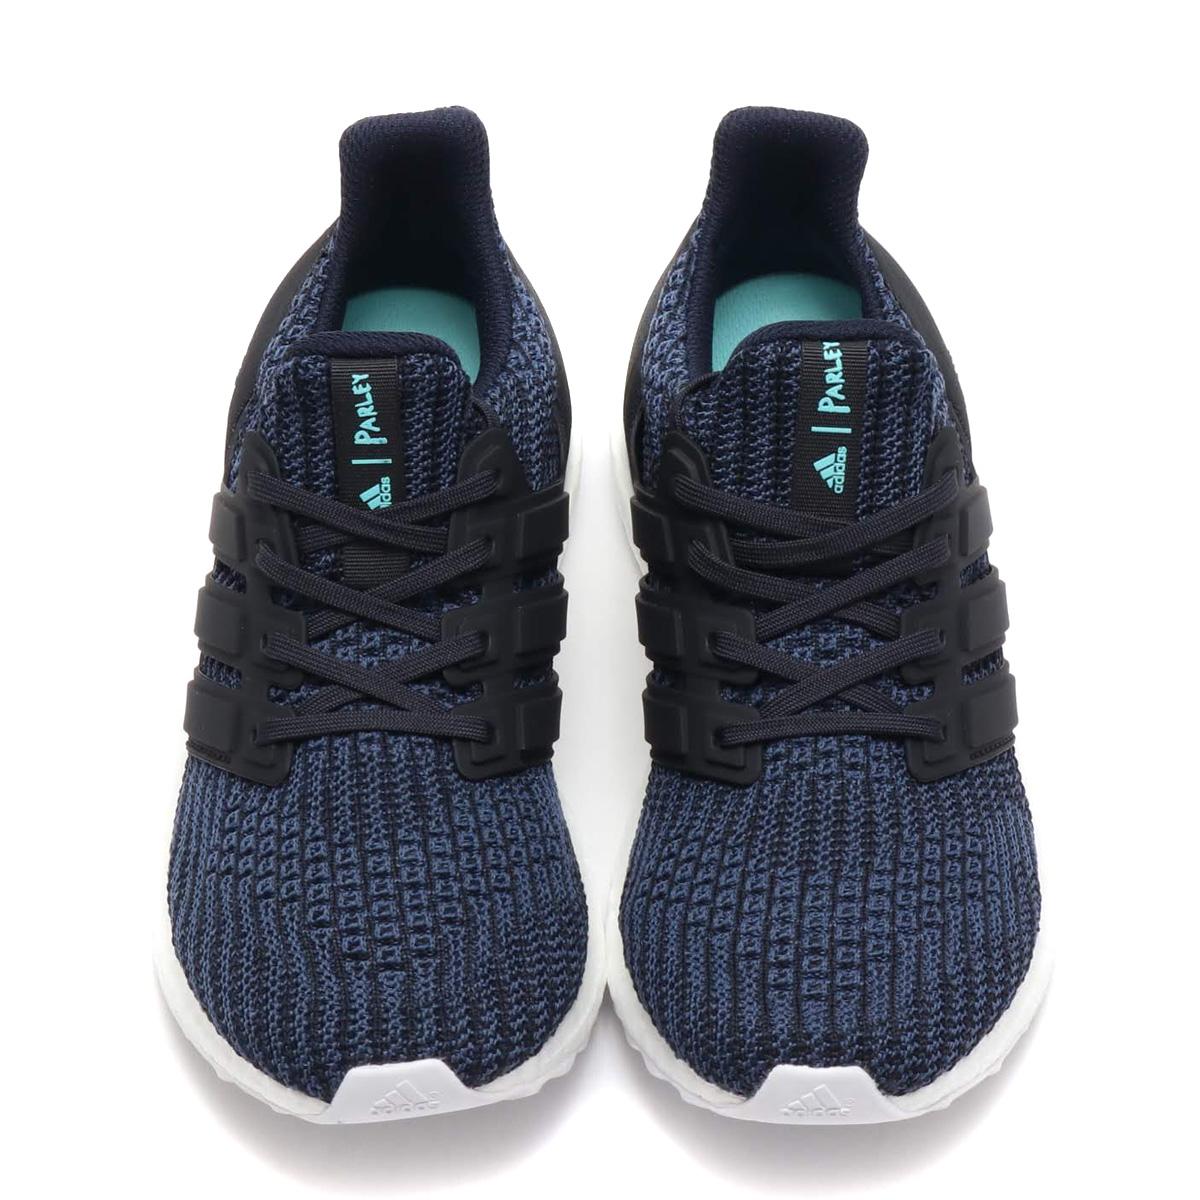 48b5f3903ef4b adidas UltraBOOST w Parley (Adidas ultra boost w パーレー) TECH INK   CARBON   BLUE  SPIRIT 18FW-I